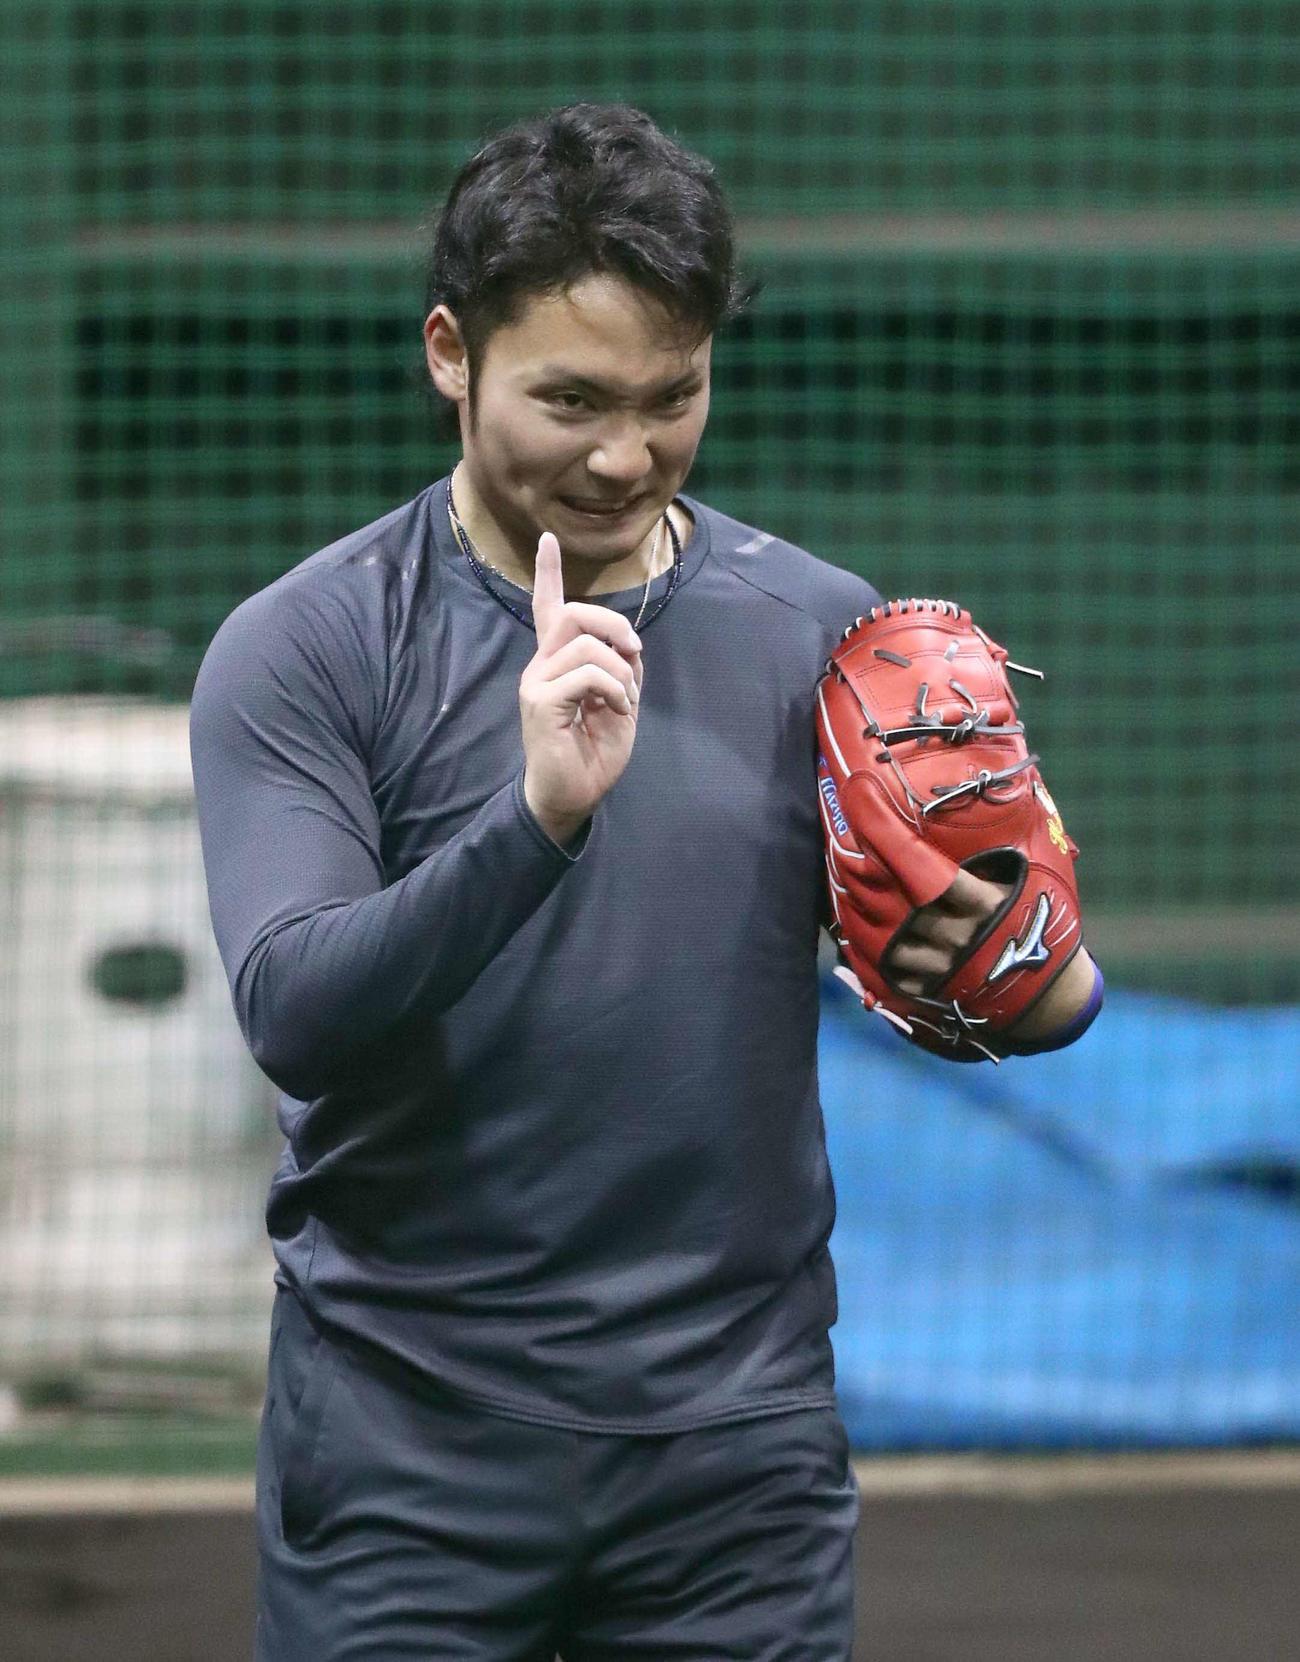 ブルペンでラスト1球をリクエストする日本ハム伊藤(撮影・黒川智章)